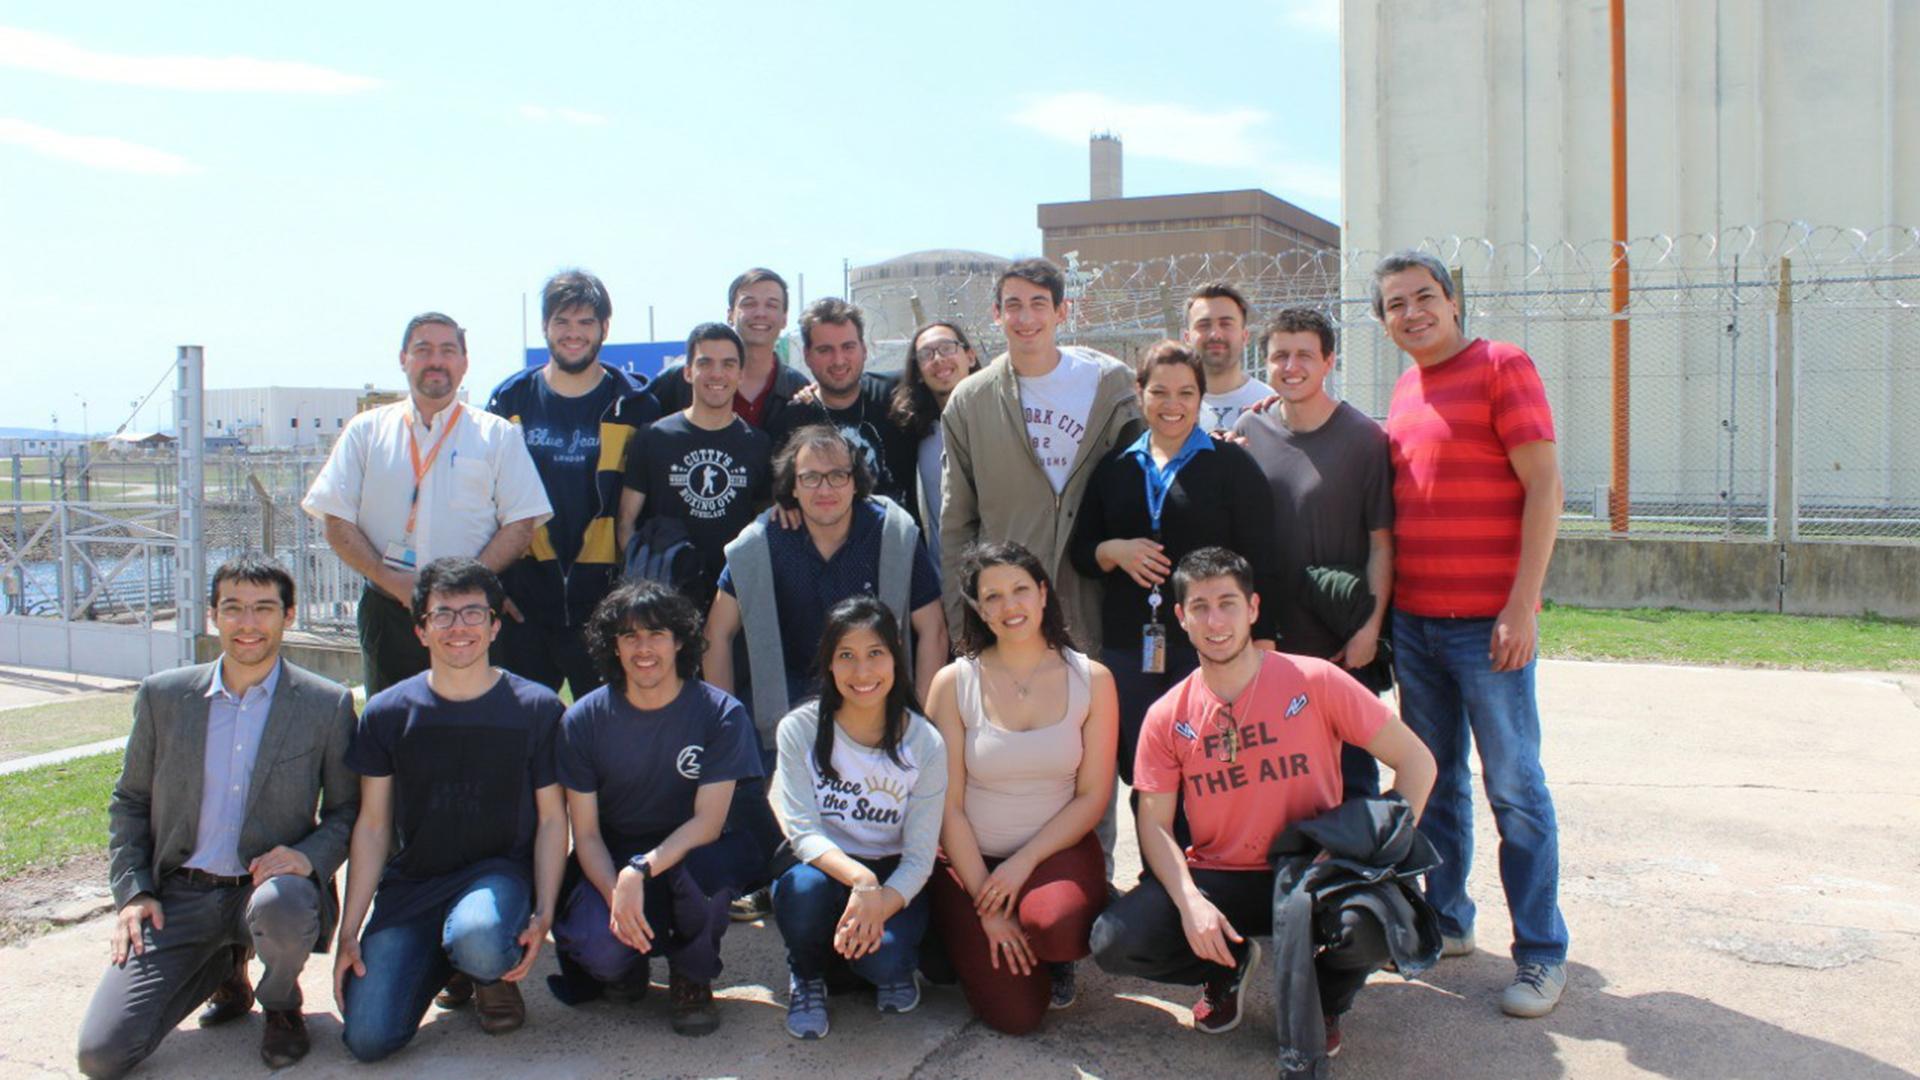 En la especialización de ingeniería nuclear en el Instituto Balseiro hay 16 estudiantes, de los cuales solo dos son mujeres.